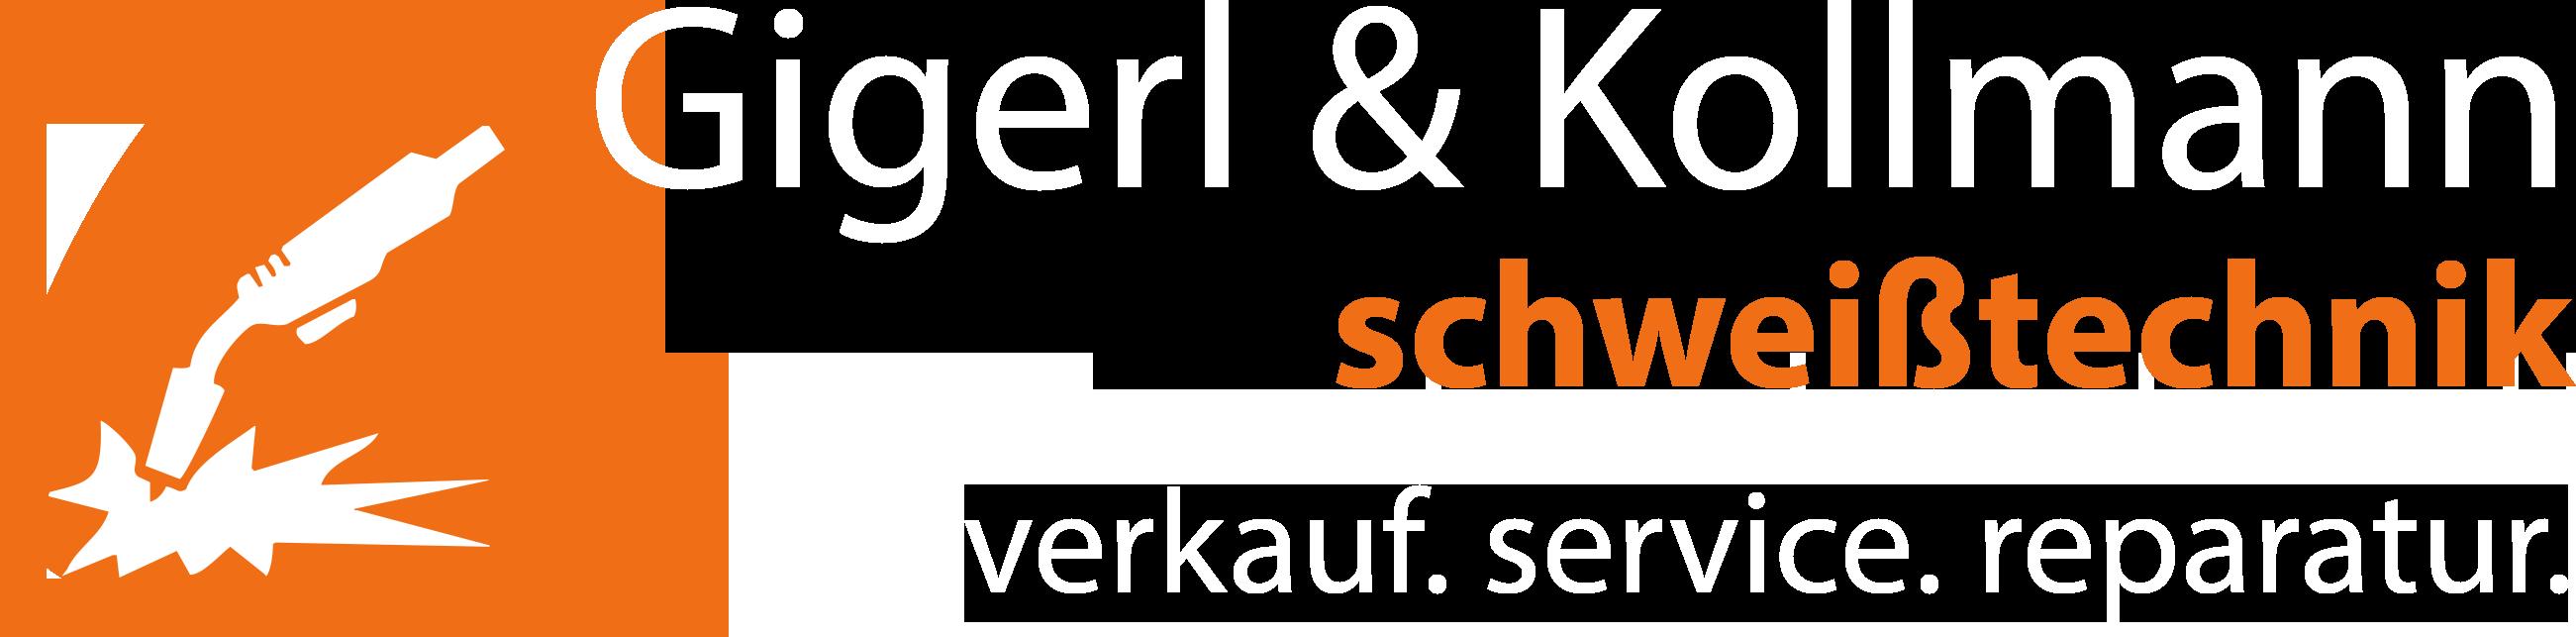 GK-Schweisstechnik